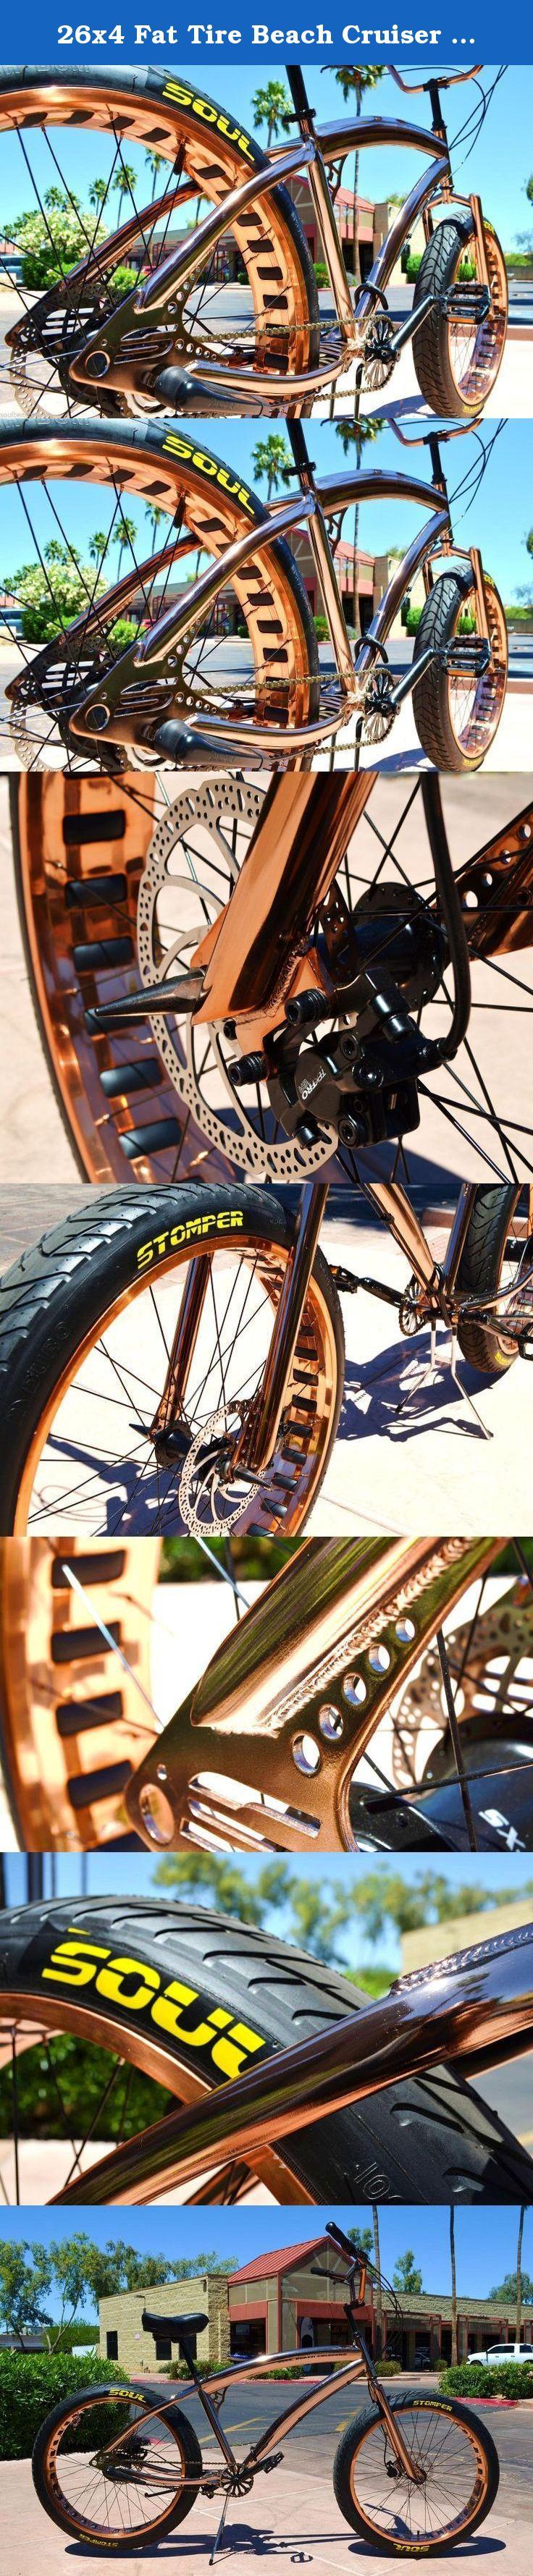 26x4 fat tire beach cruiser bike soul stomper copper color 3 speed new